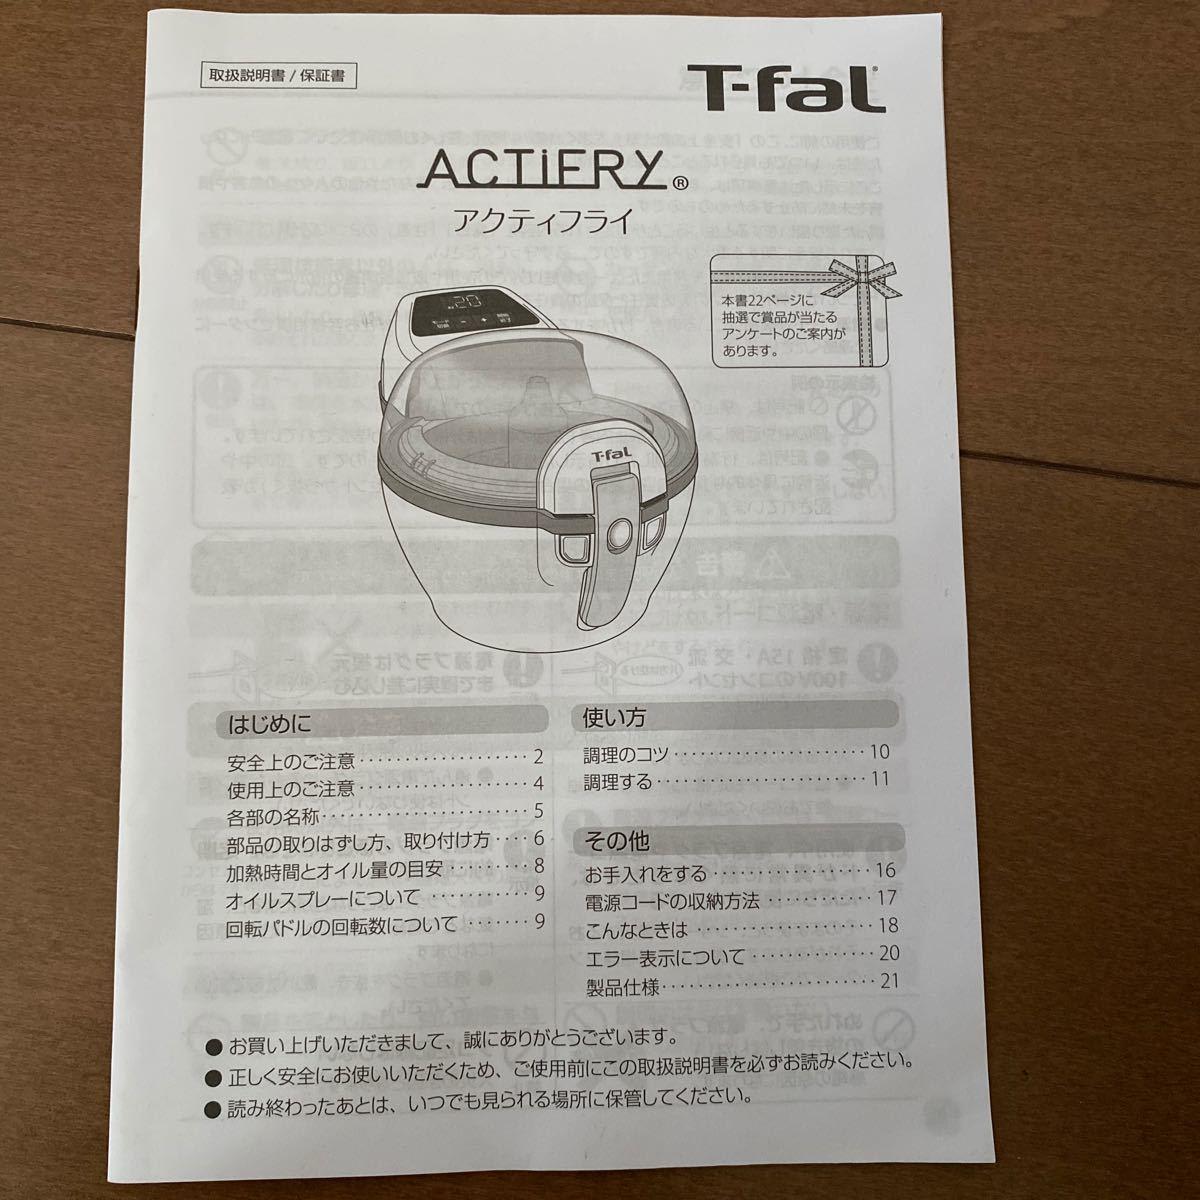 アクティフライ T-fal 調理家電 ティファール 電気フライヤー レシピブック オイルオフ 電気調理器